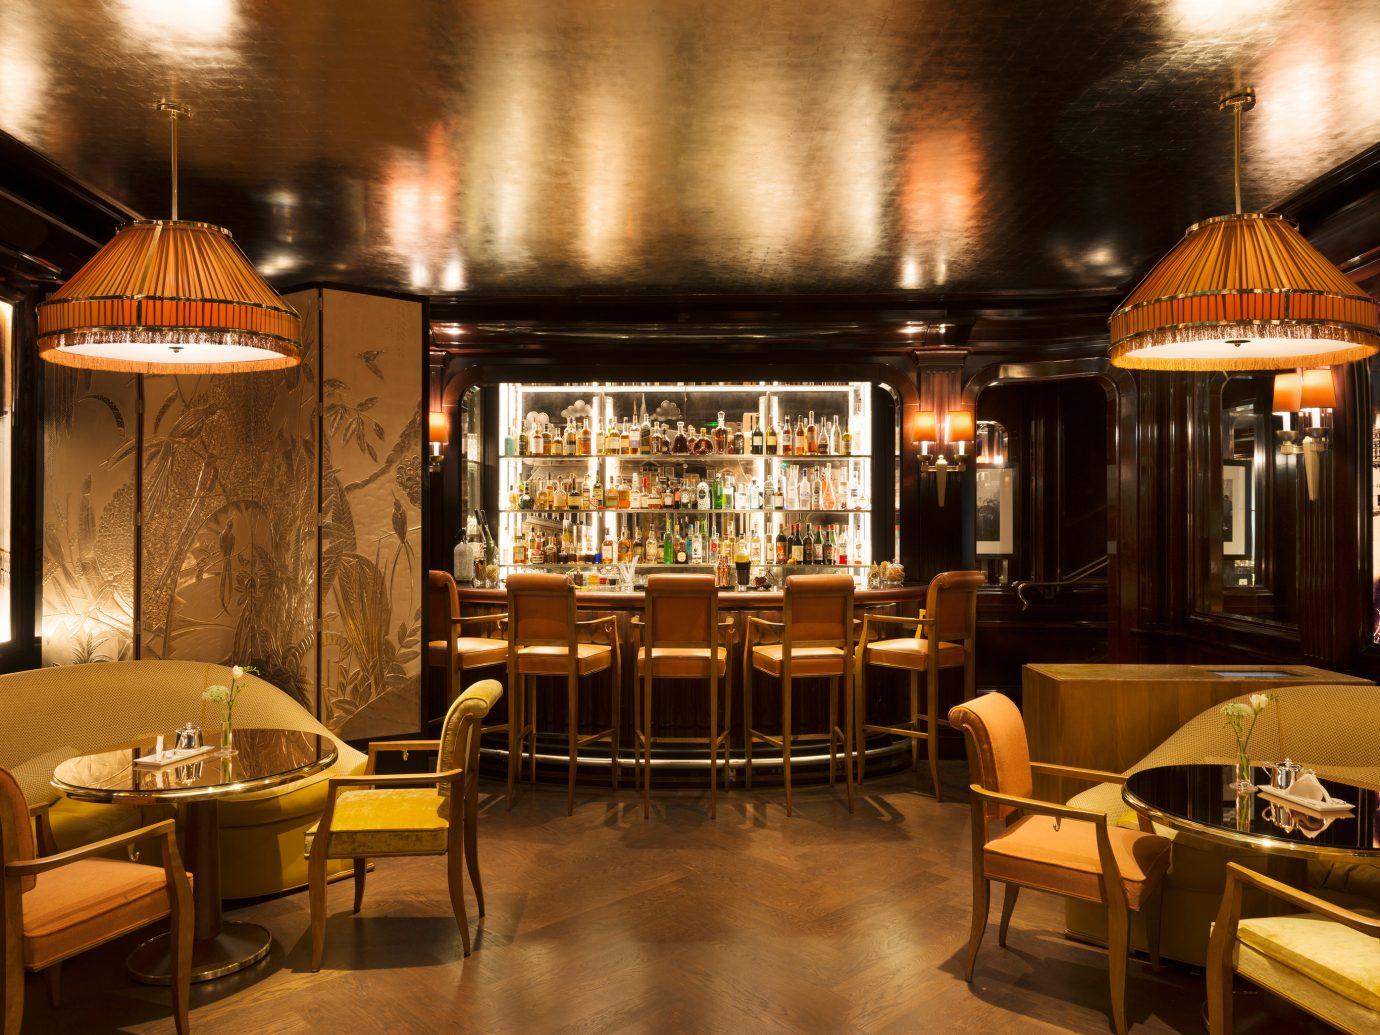 Bar at the Ritz Paris